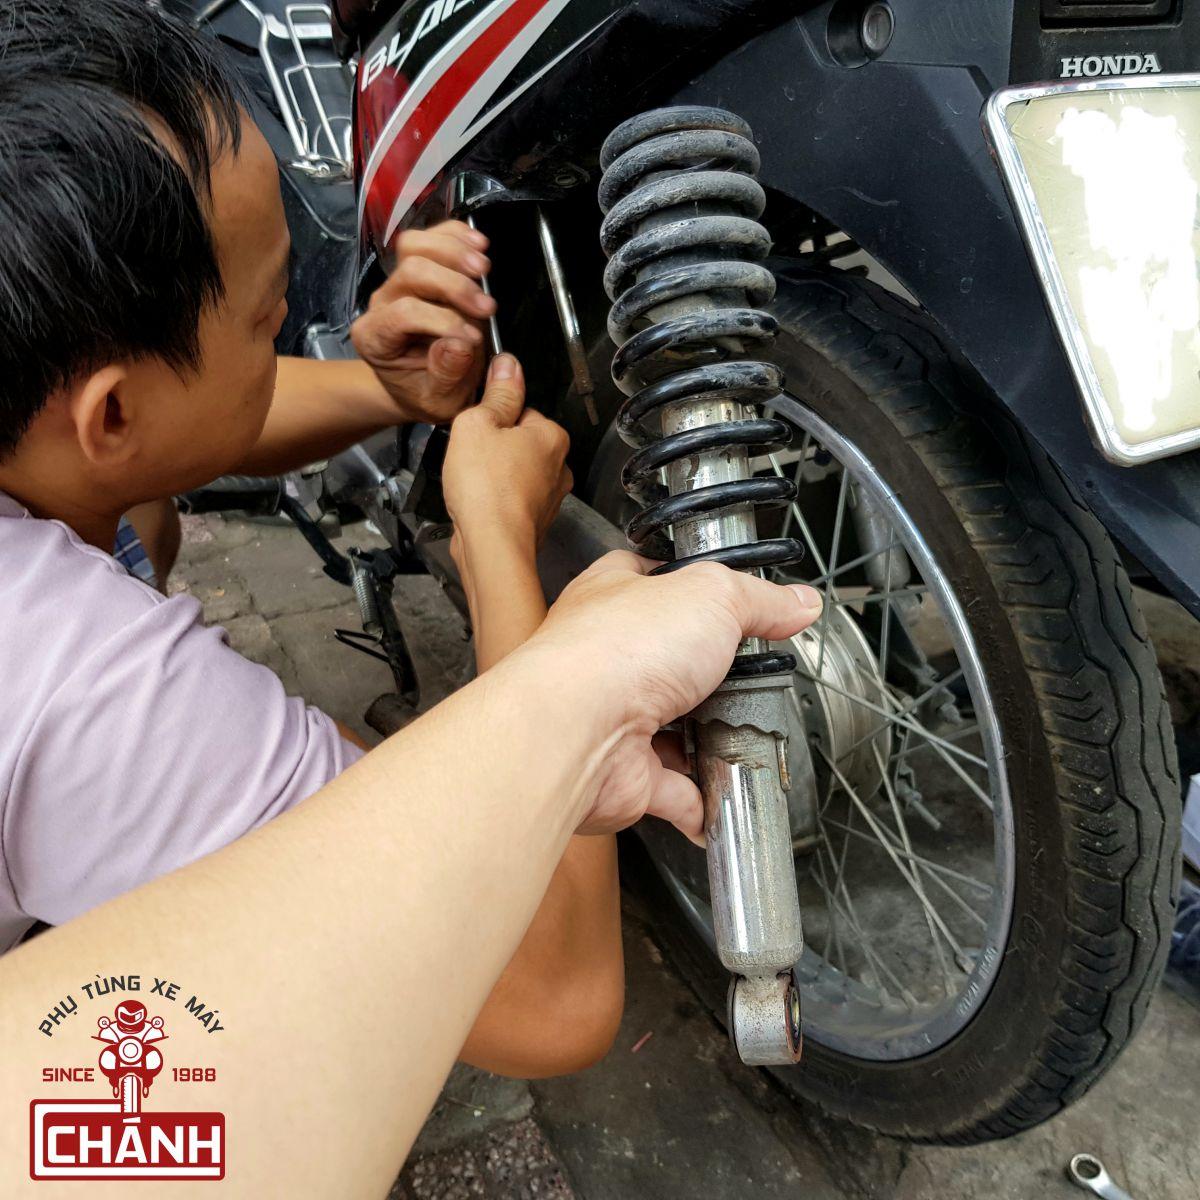 Phuoc-nhun-giam-xoc-sau-Kaifa-chinh-hang-xe-tho-1a